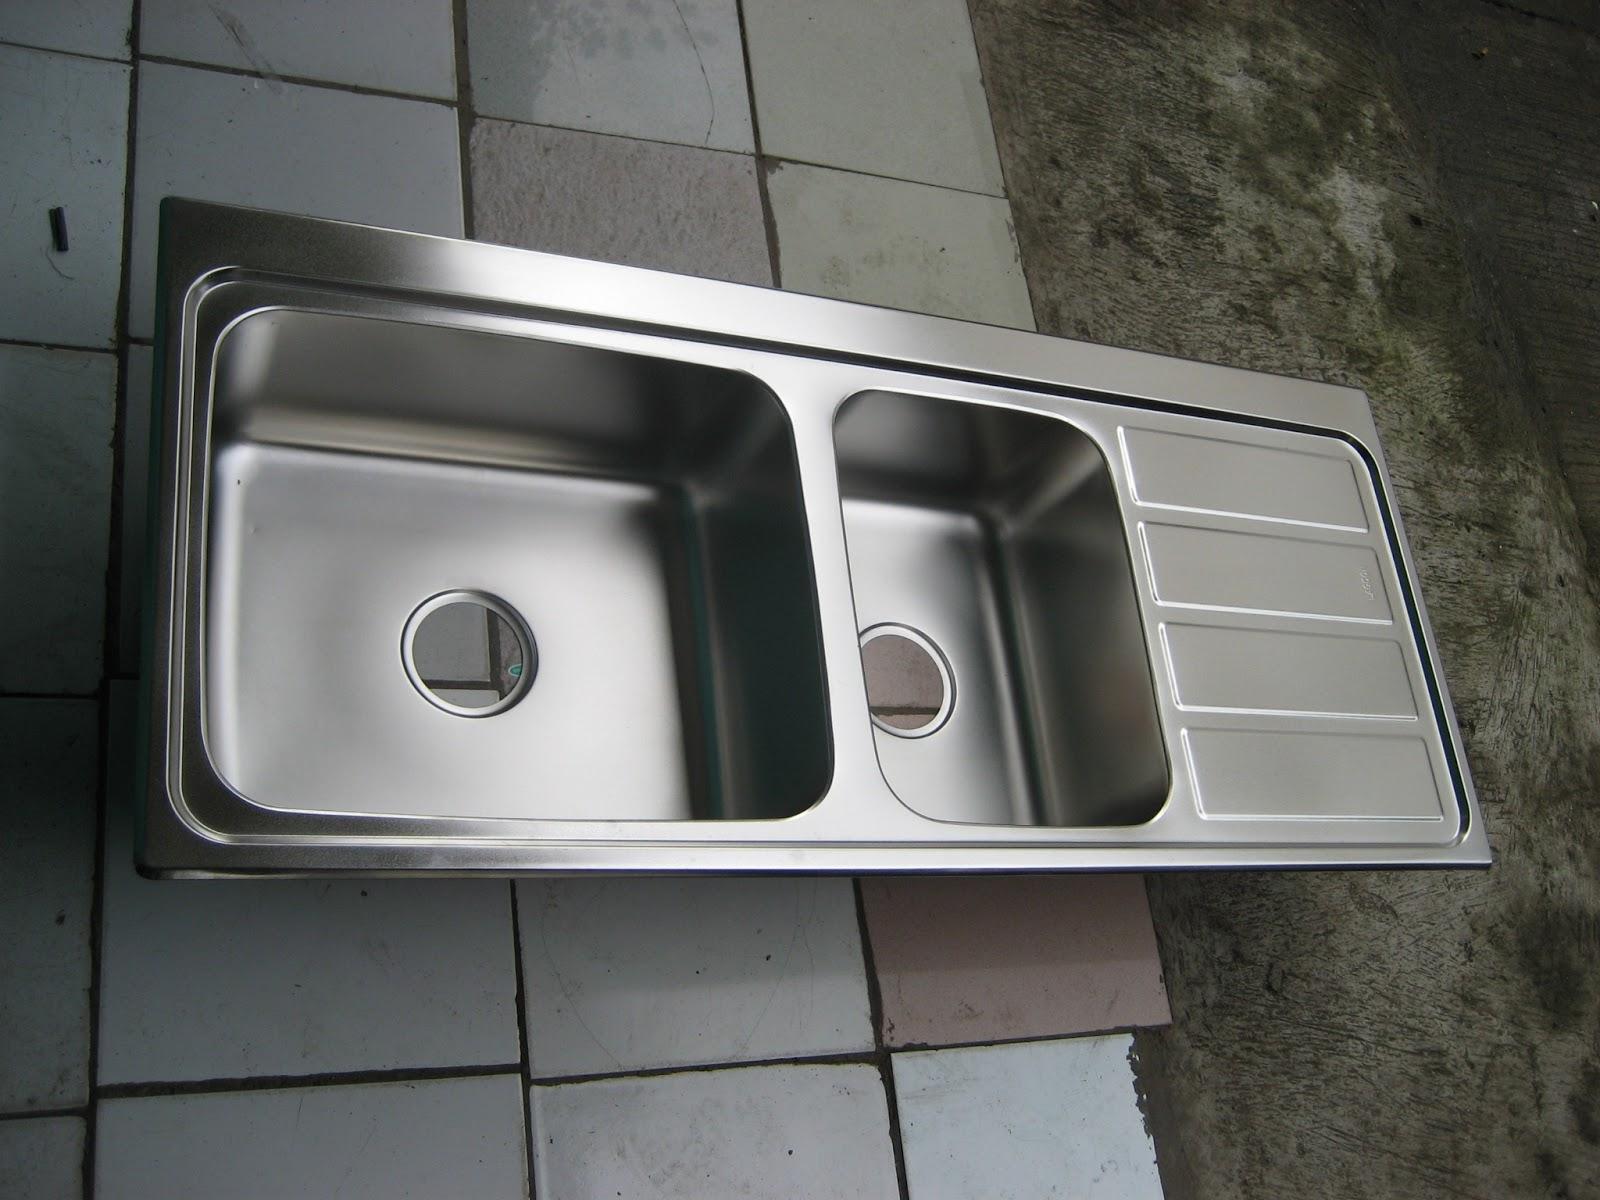 Gracia Afur Bak Cuci Piring Pvc Update Harga Terkini Dan Modena 40cm Orta Ks 2100 A Stainless Steel Lagoon Tipe 12050